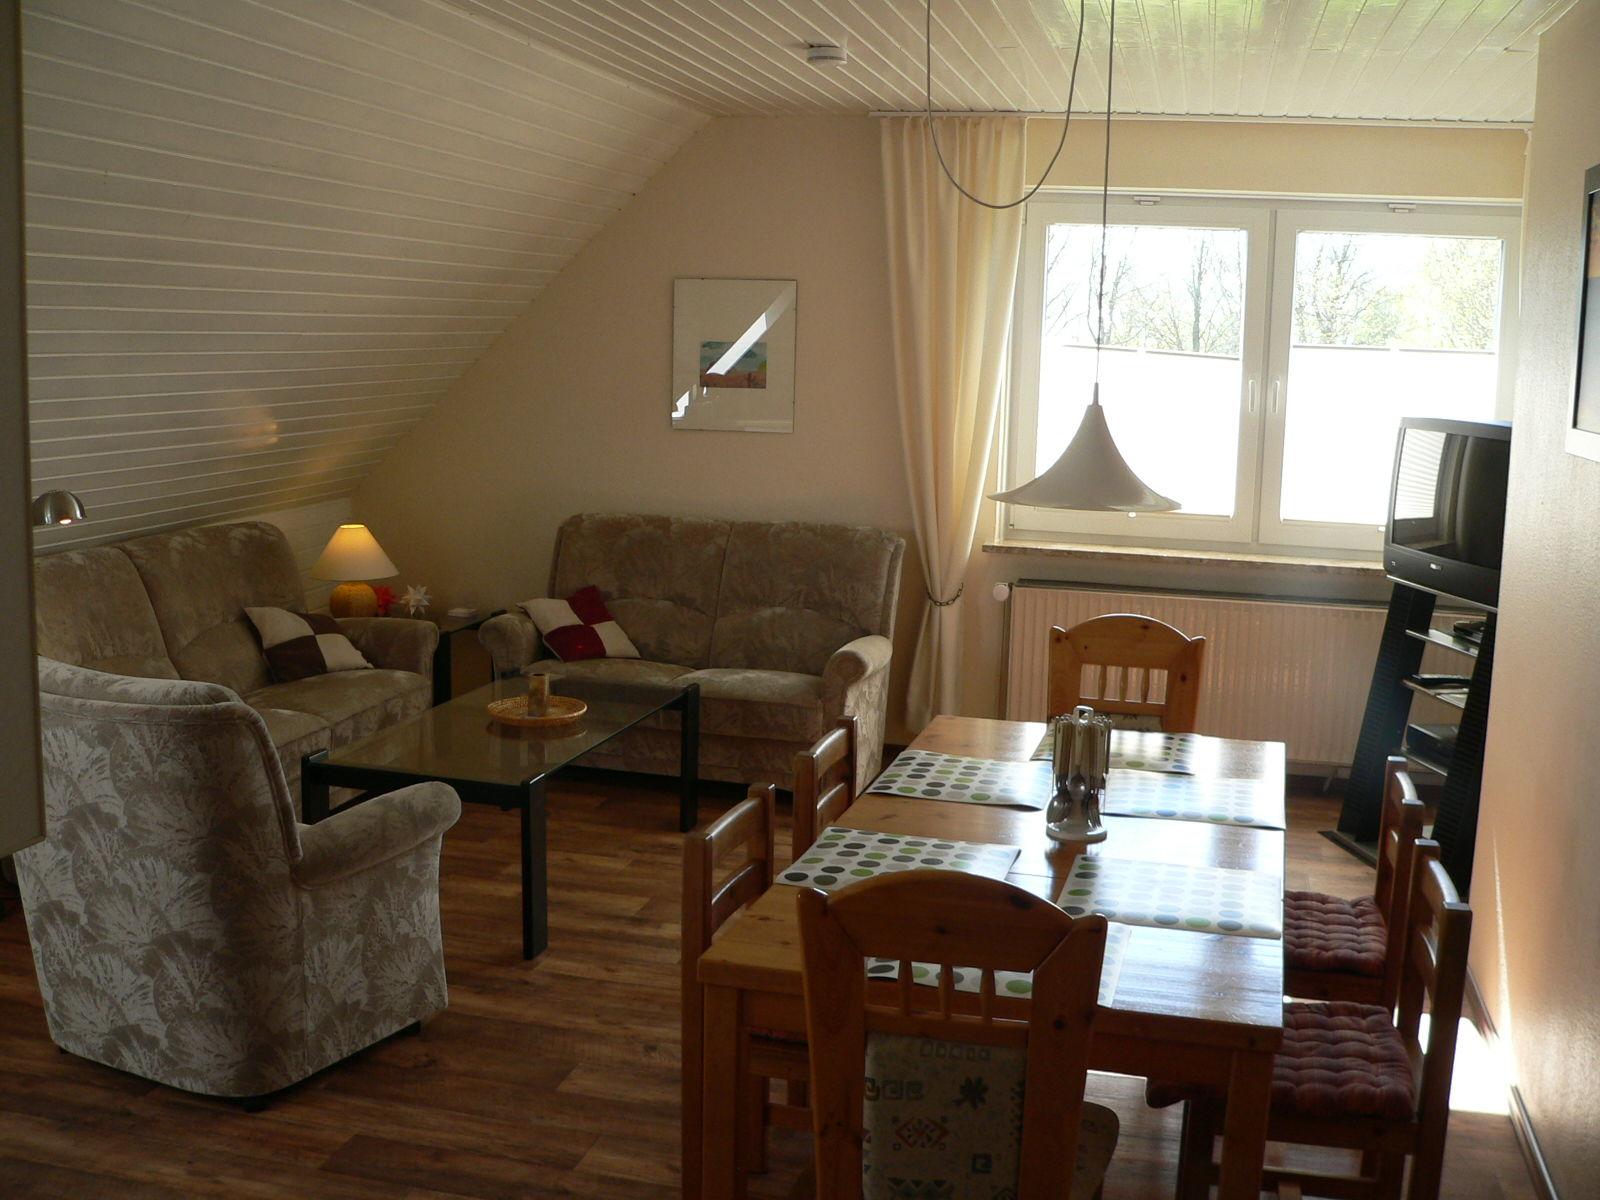 Einbauküche im Wohnzimmer